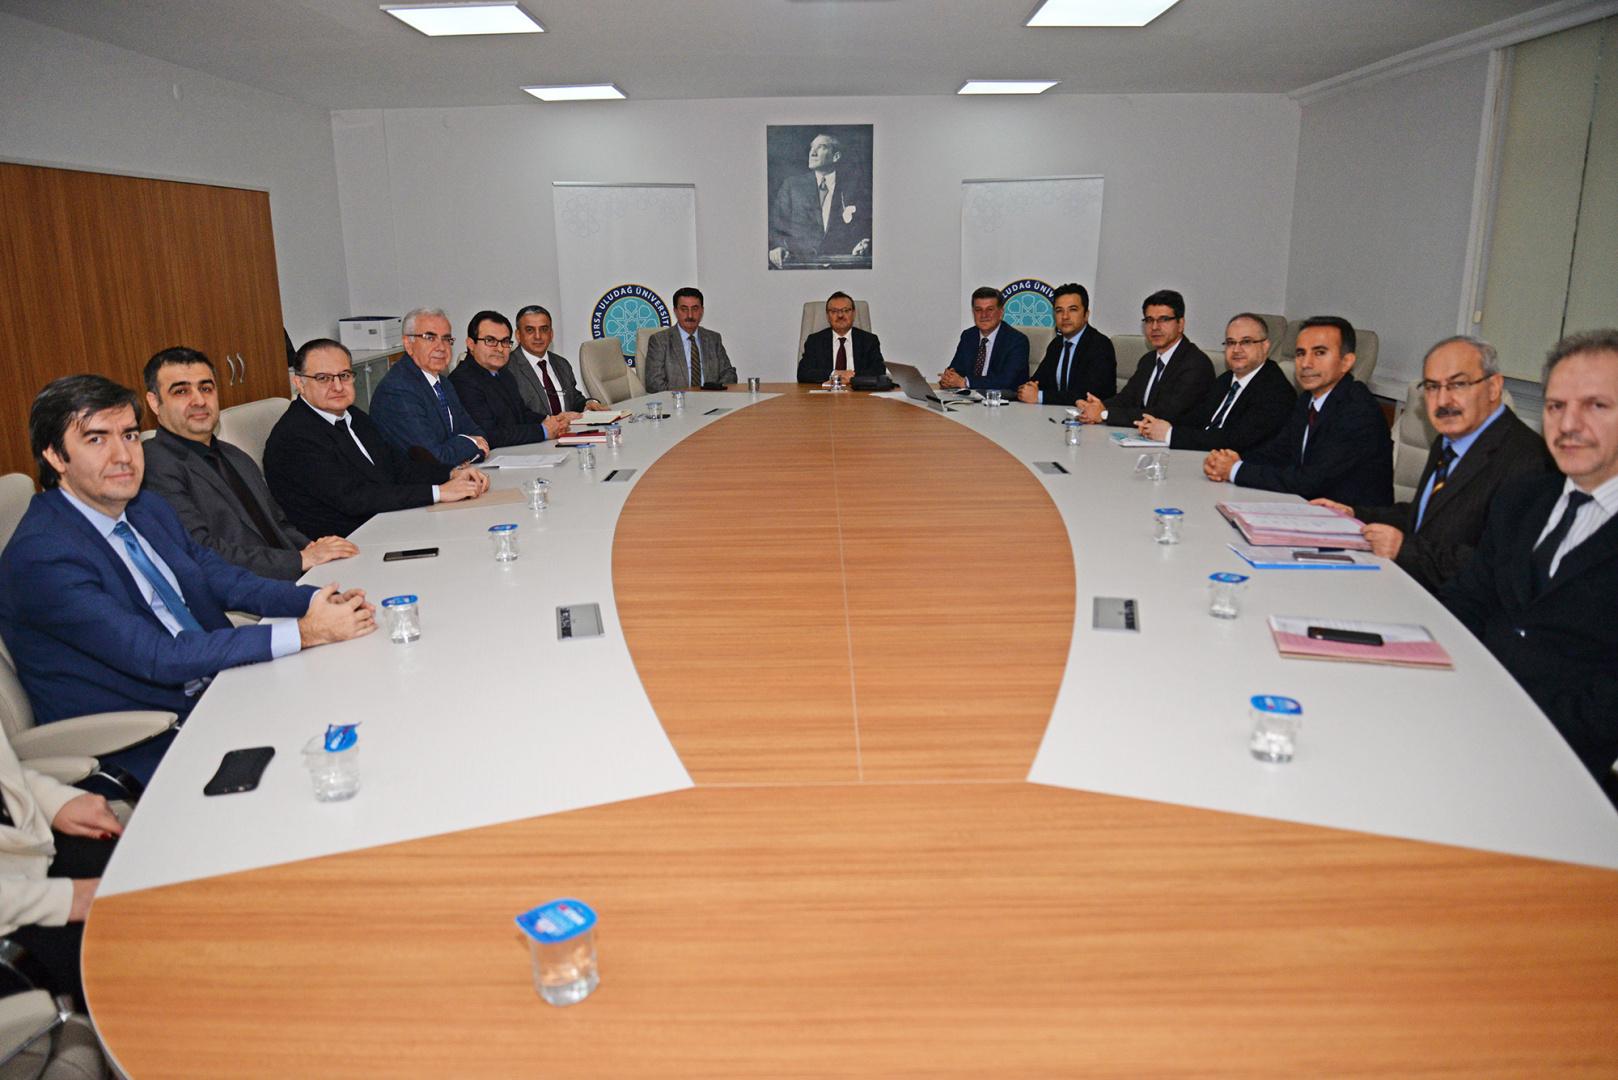 İş dünyası isteyecek, Bursa Uludağ Üniversitesi eğitecek